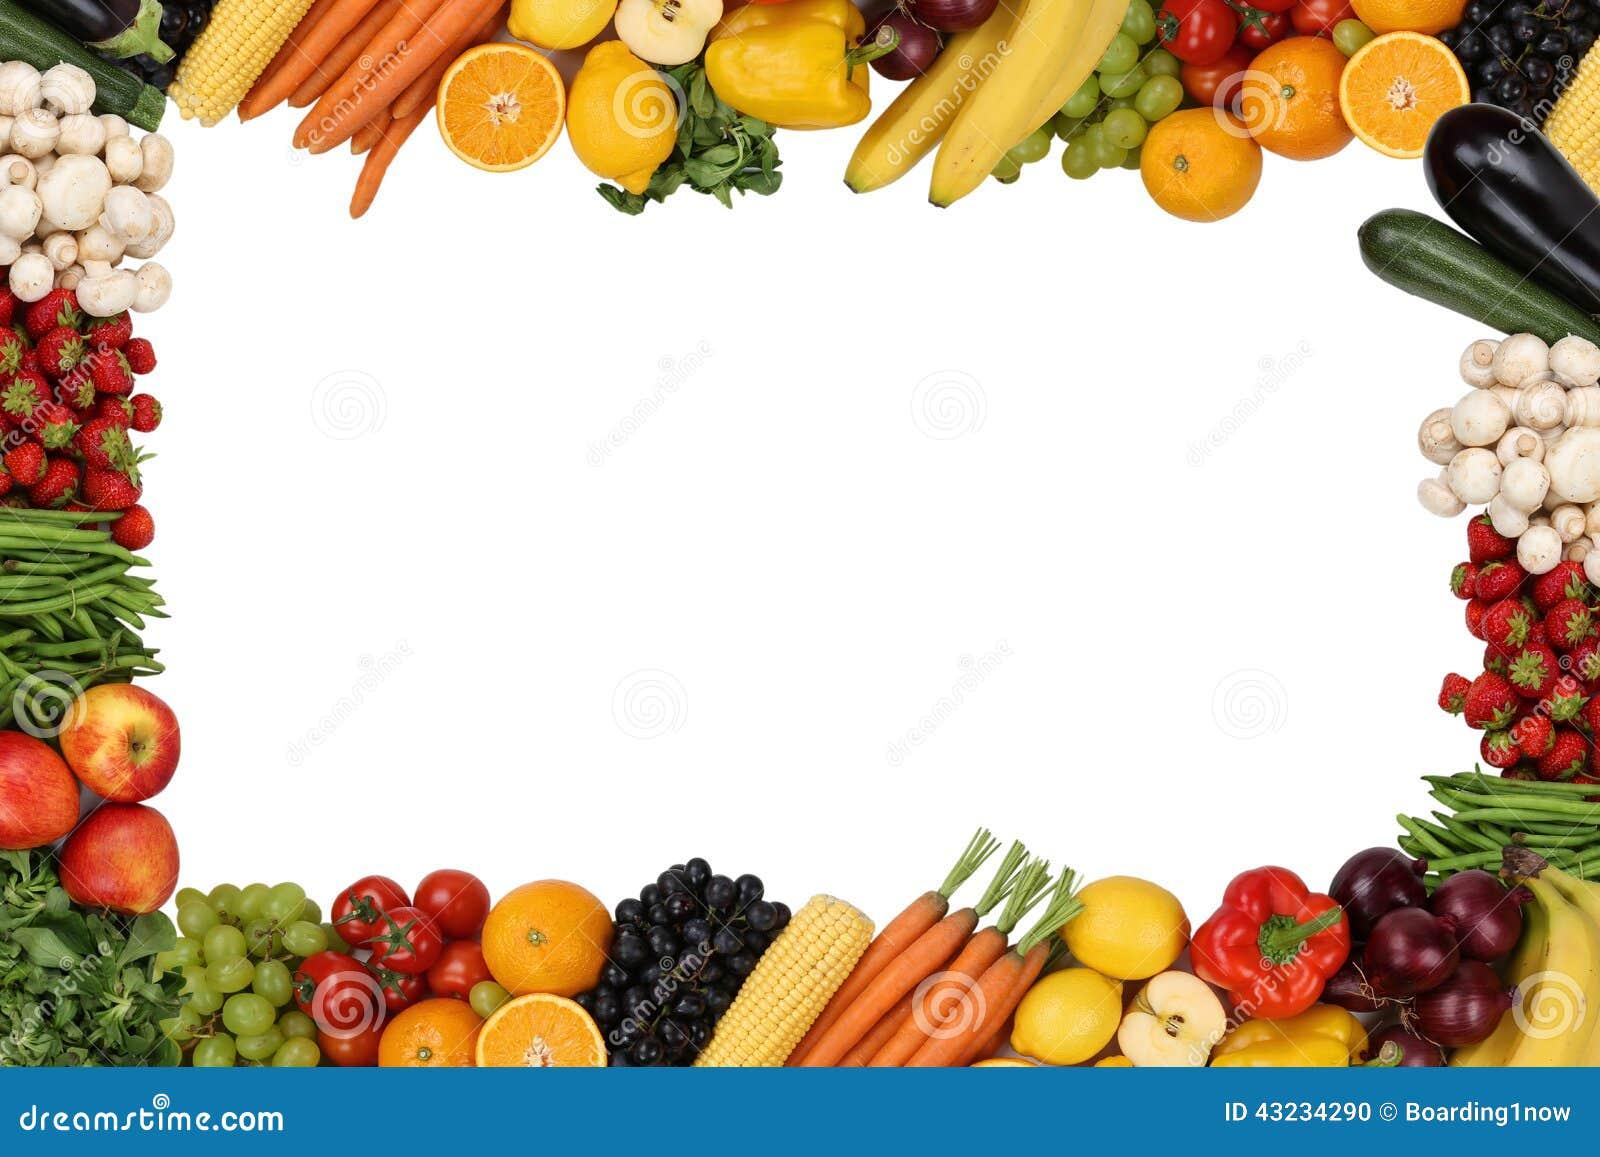 правильное питание для худеющих меню на неделю